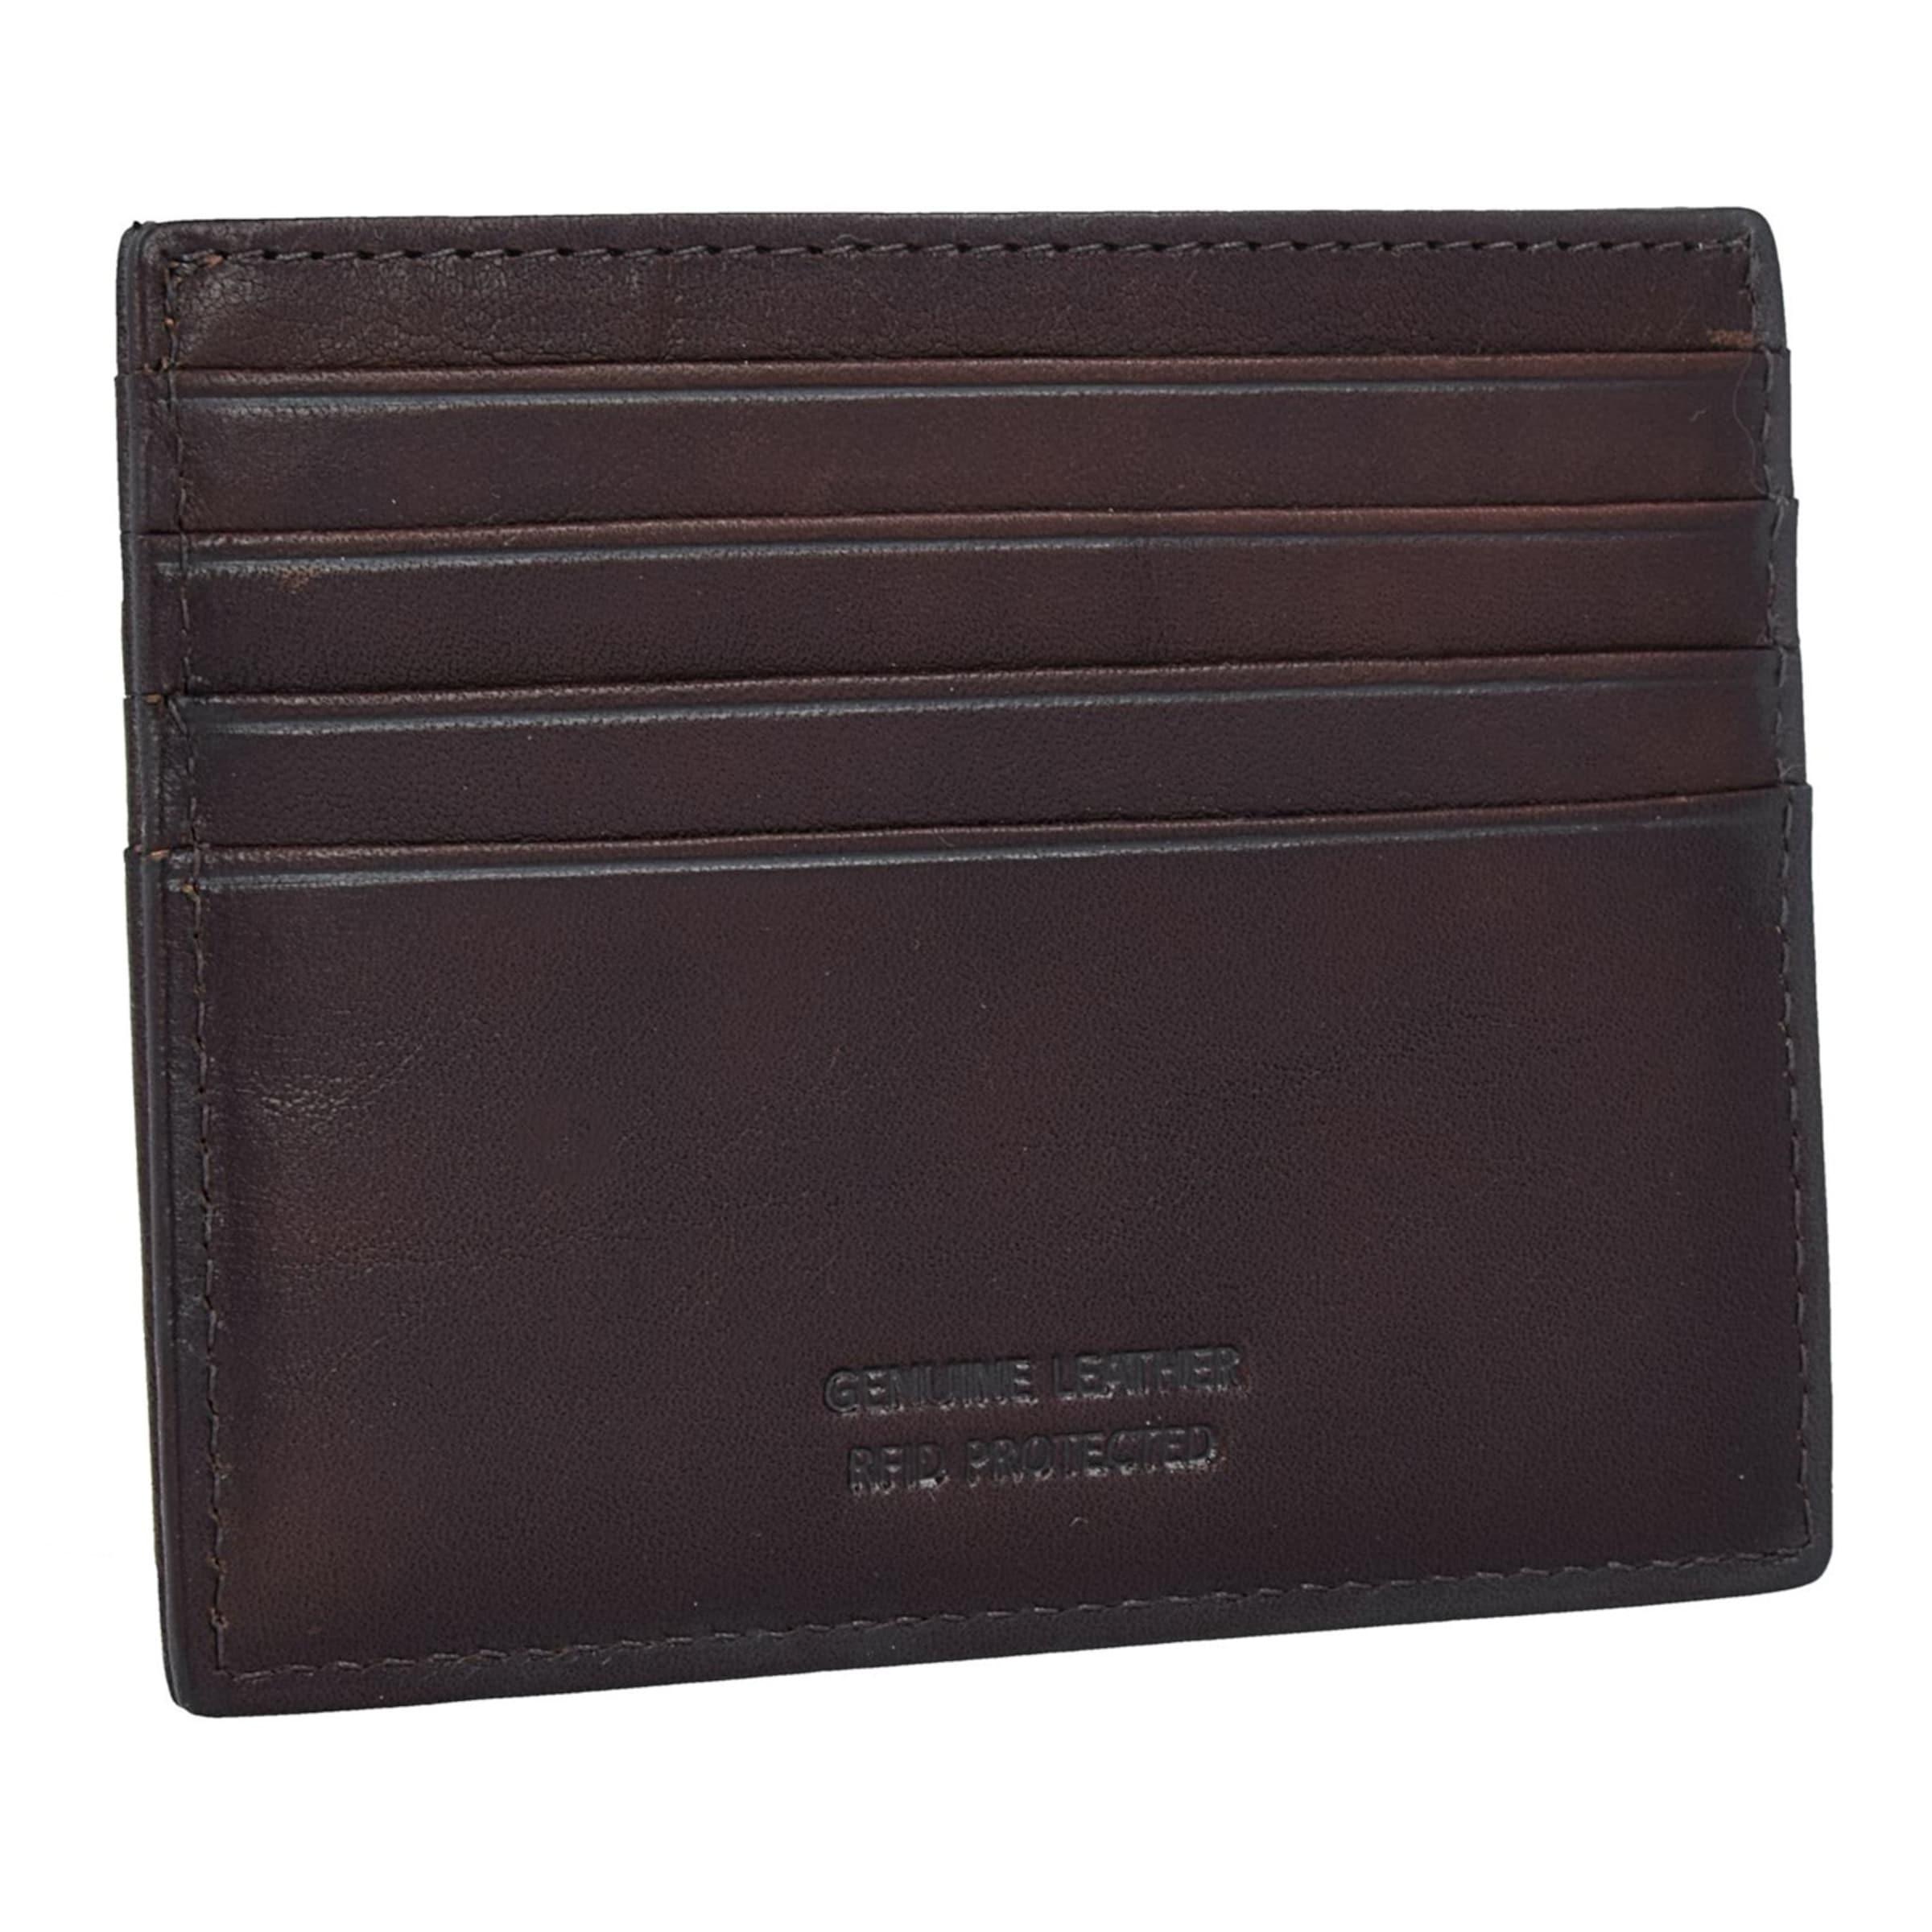 Bric's Monte Rosa Kreditkartenetui RFID Leder 10 cm Billig Zuverlässig Online-Shopping Online-Verkauf Neue Online 9n40nBGnh